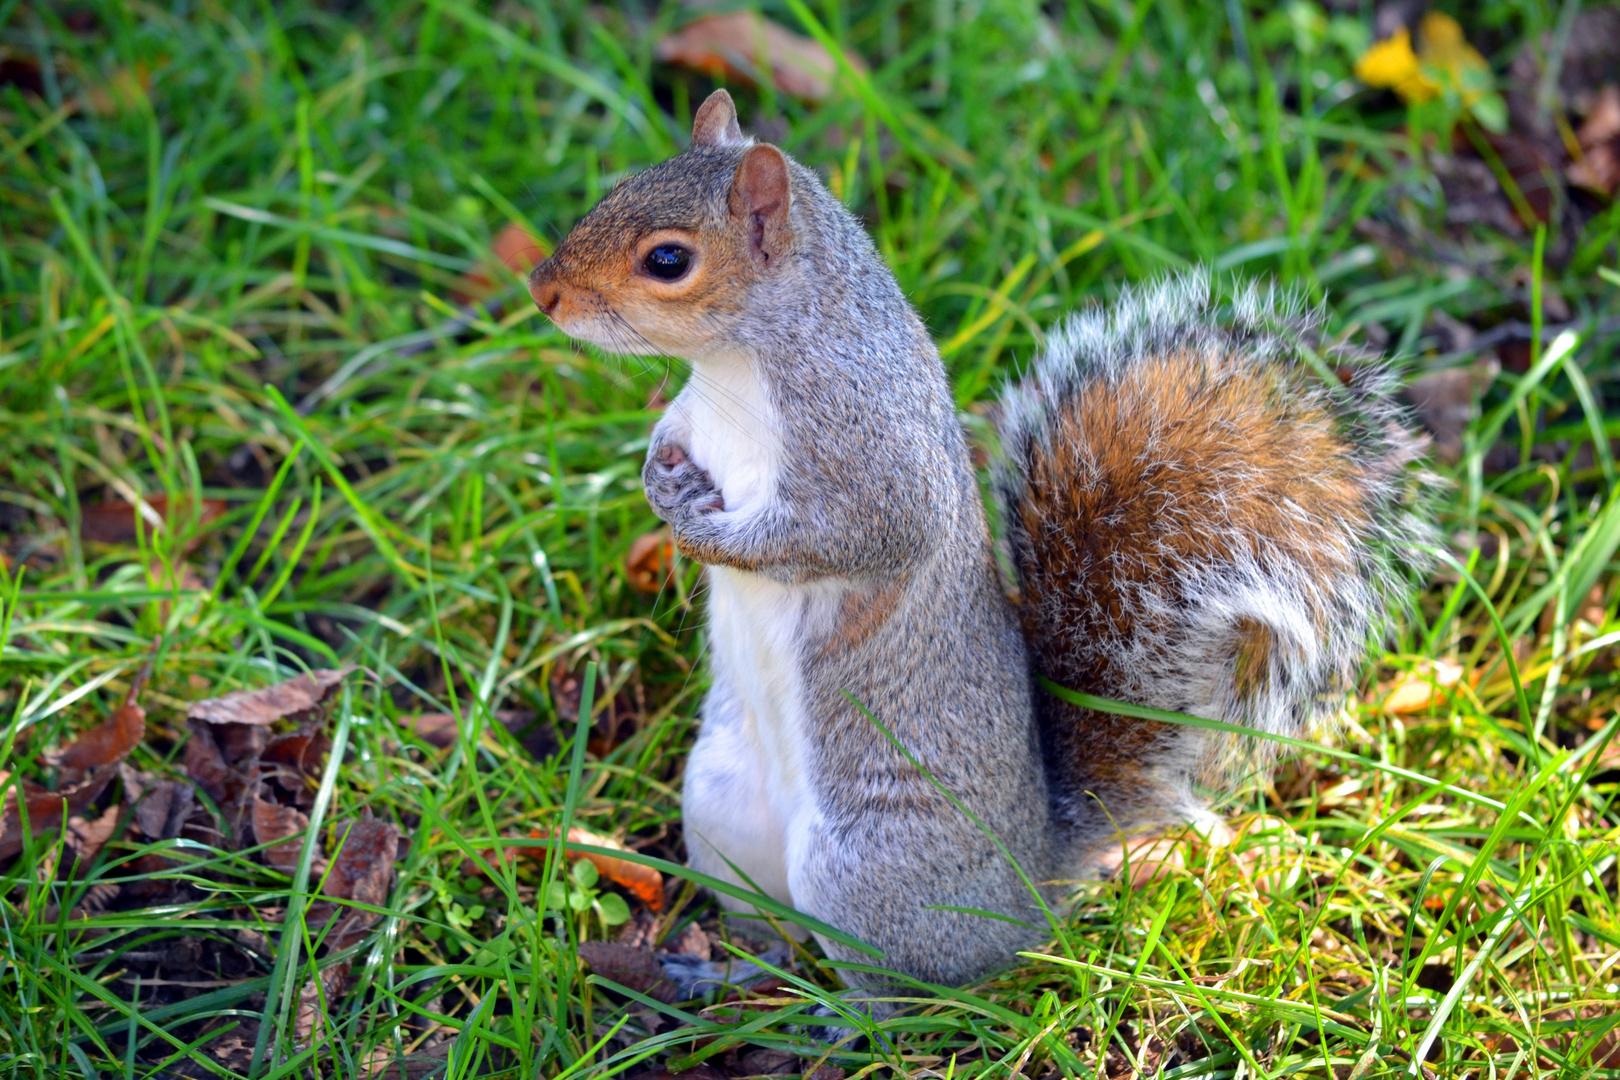 Eichhörnchen in Washington D.C.